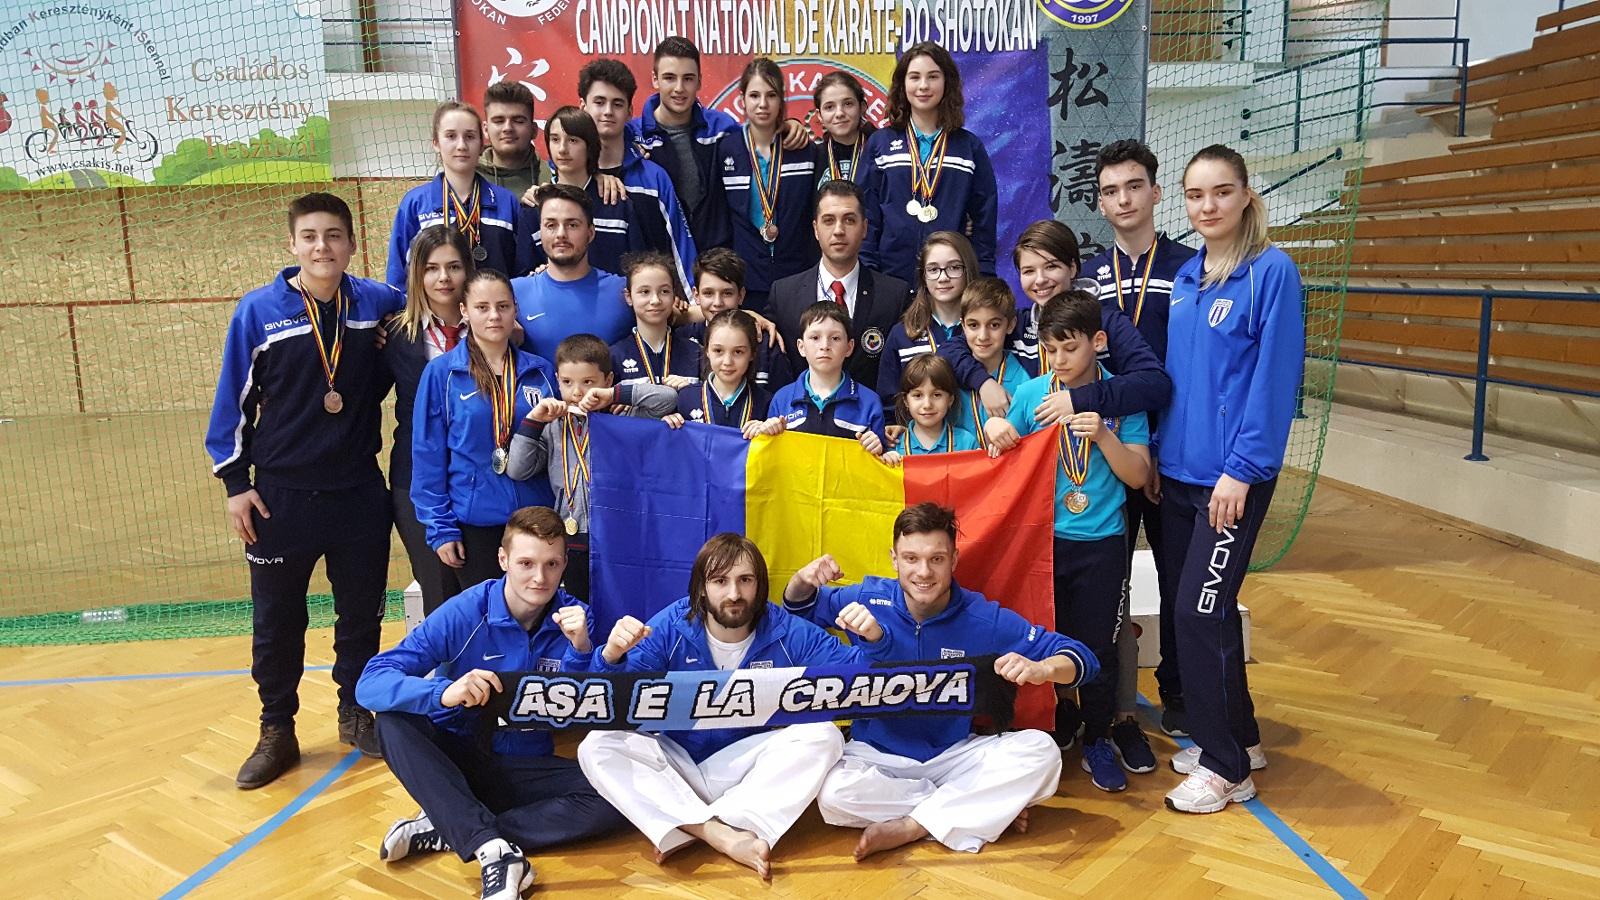 Karatiștii craioveni i-au lăsat fără medalii la CN de Shotokan